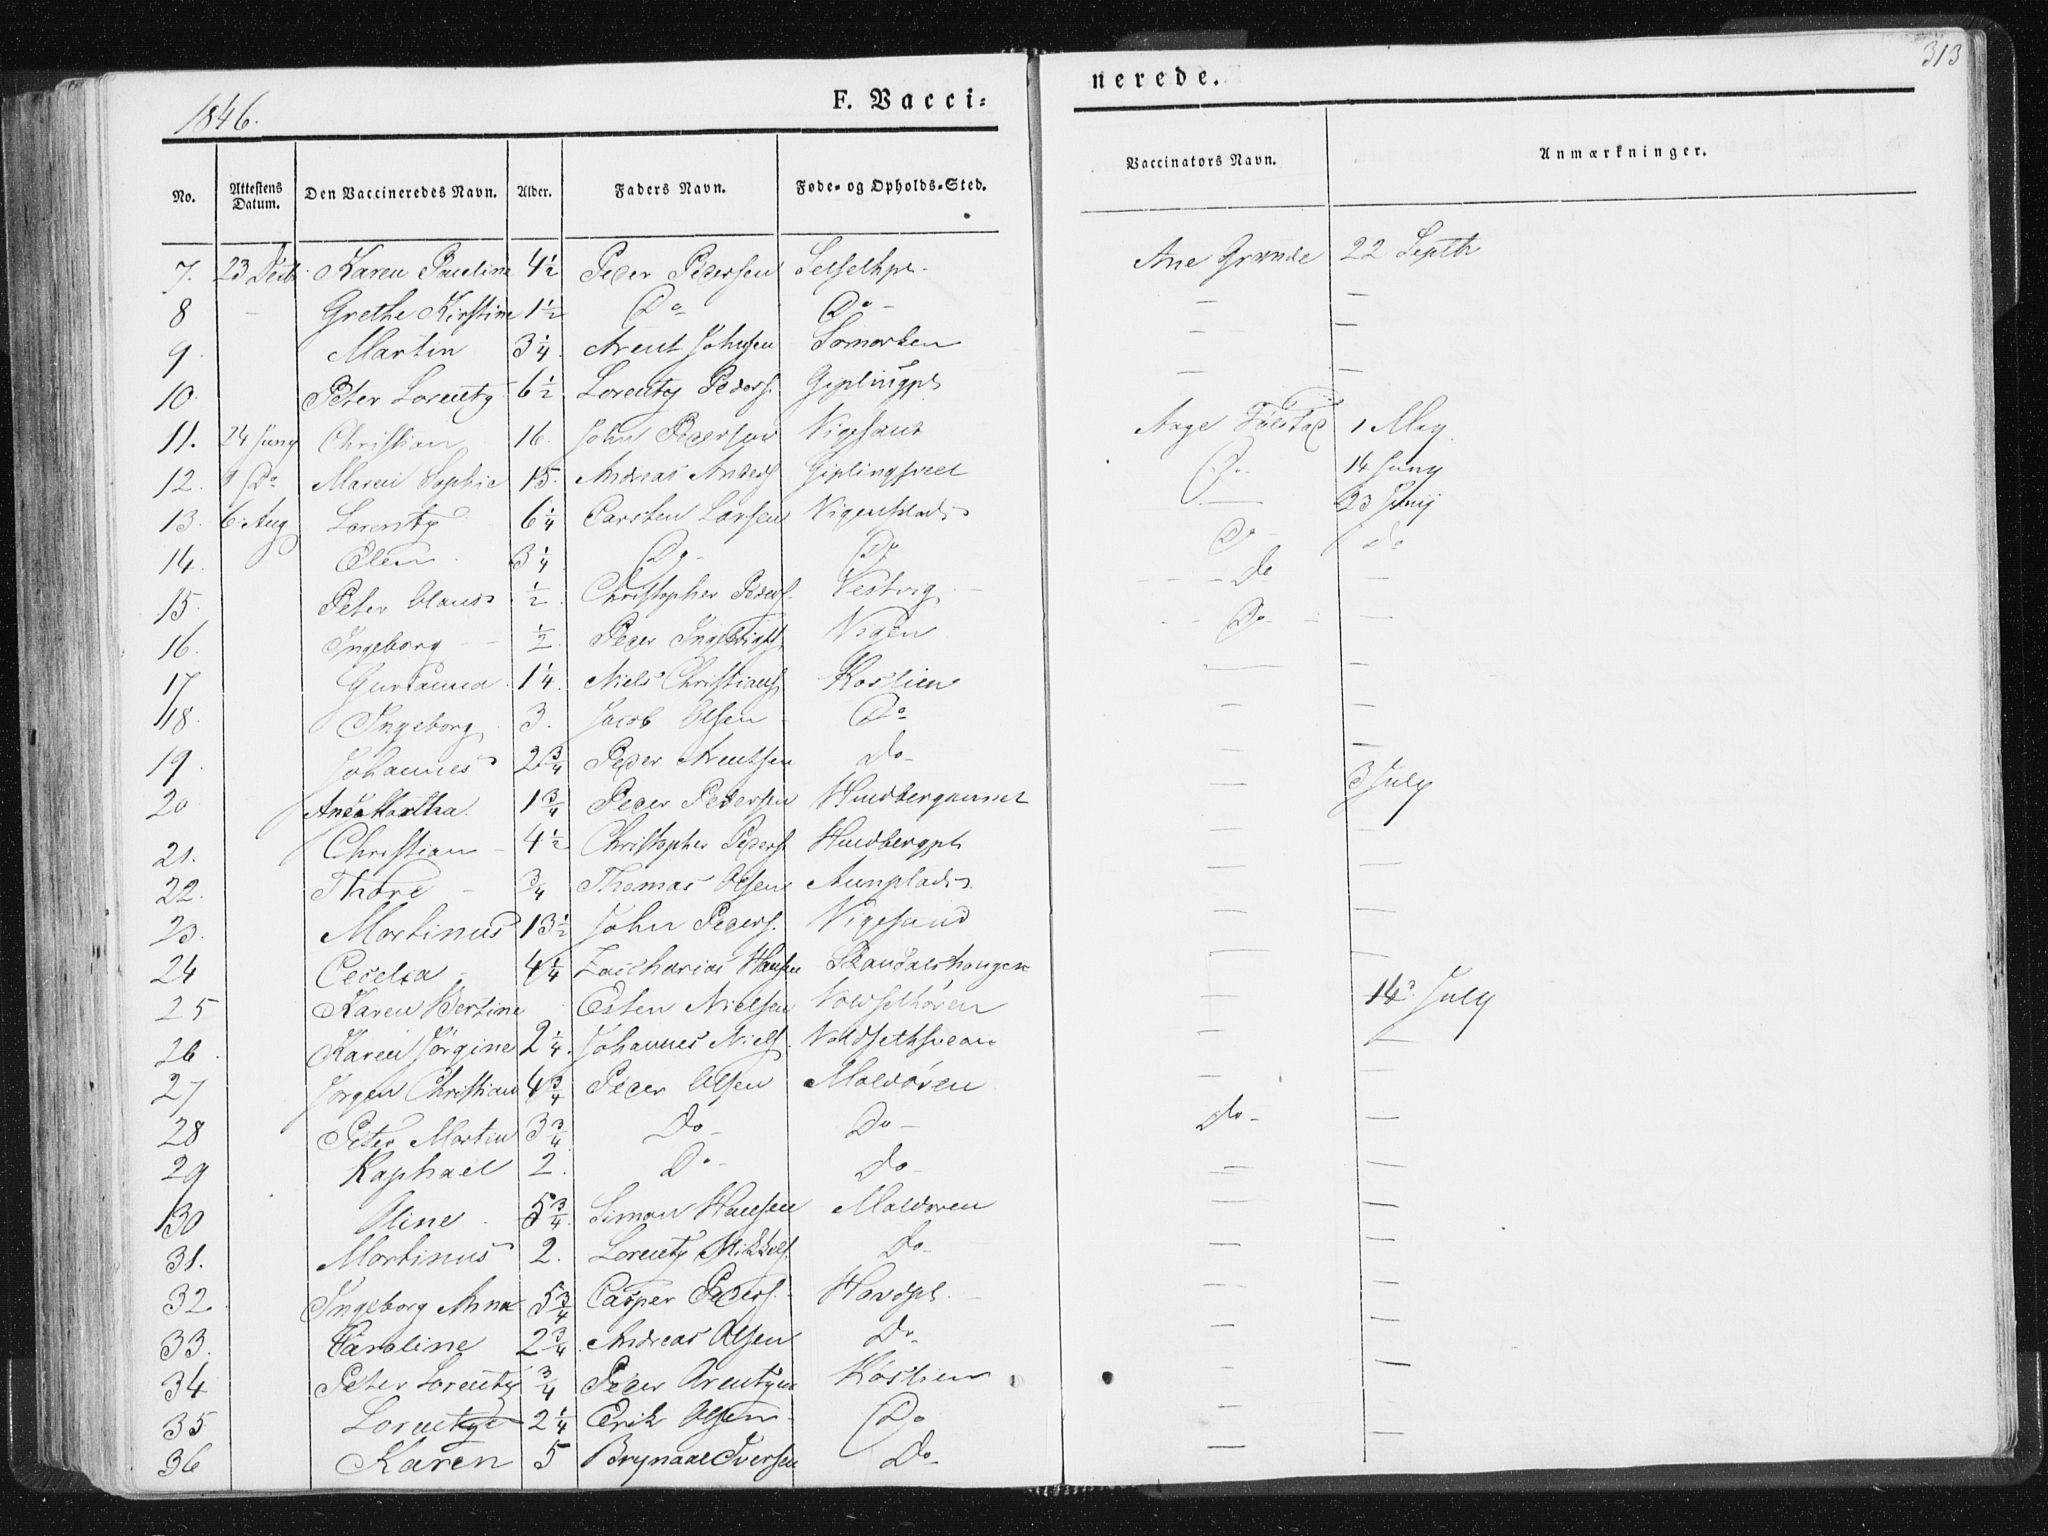 SAT, Ministerialprotokoller, klokkerbøker og fødselsregistre - Nord-Trøndelag, 744/L0418: Ministerialbok nr. 744A02, 1843-1866, s. 313